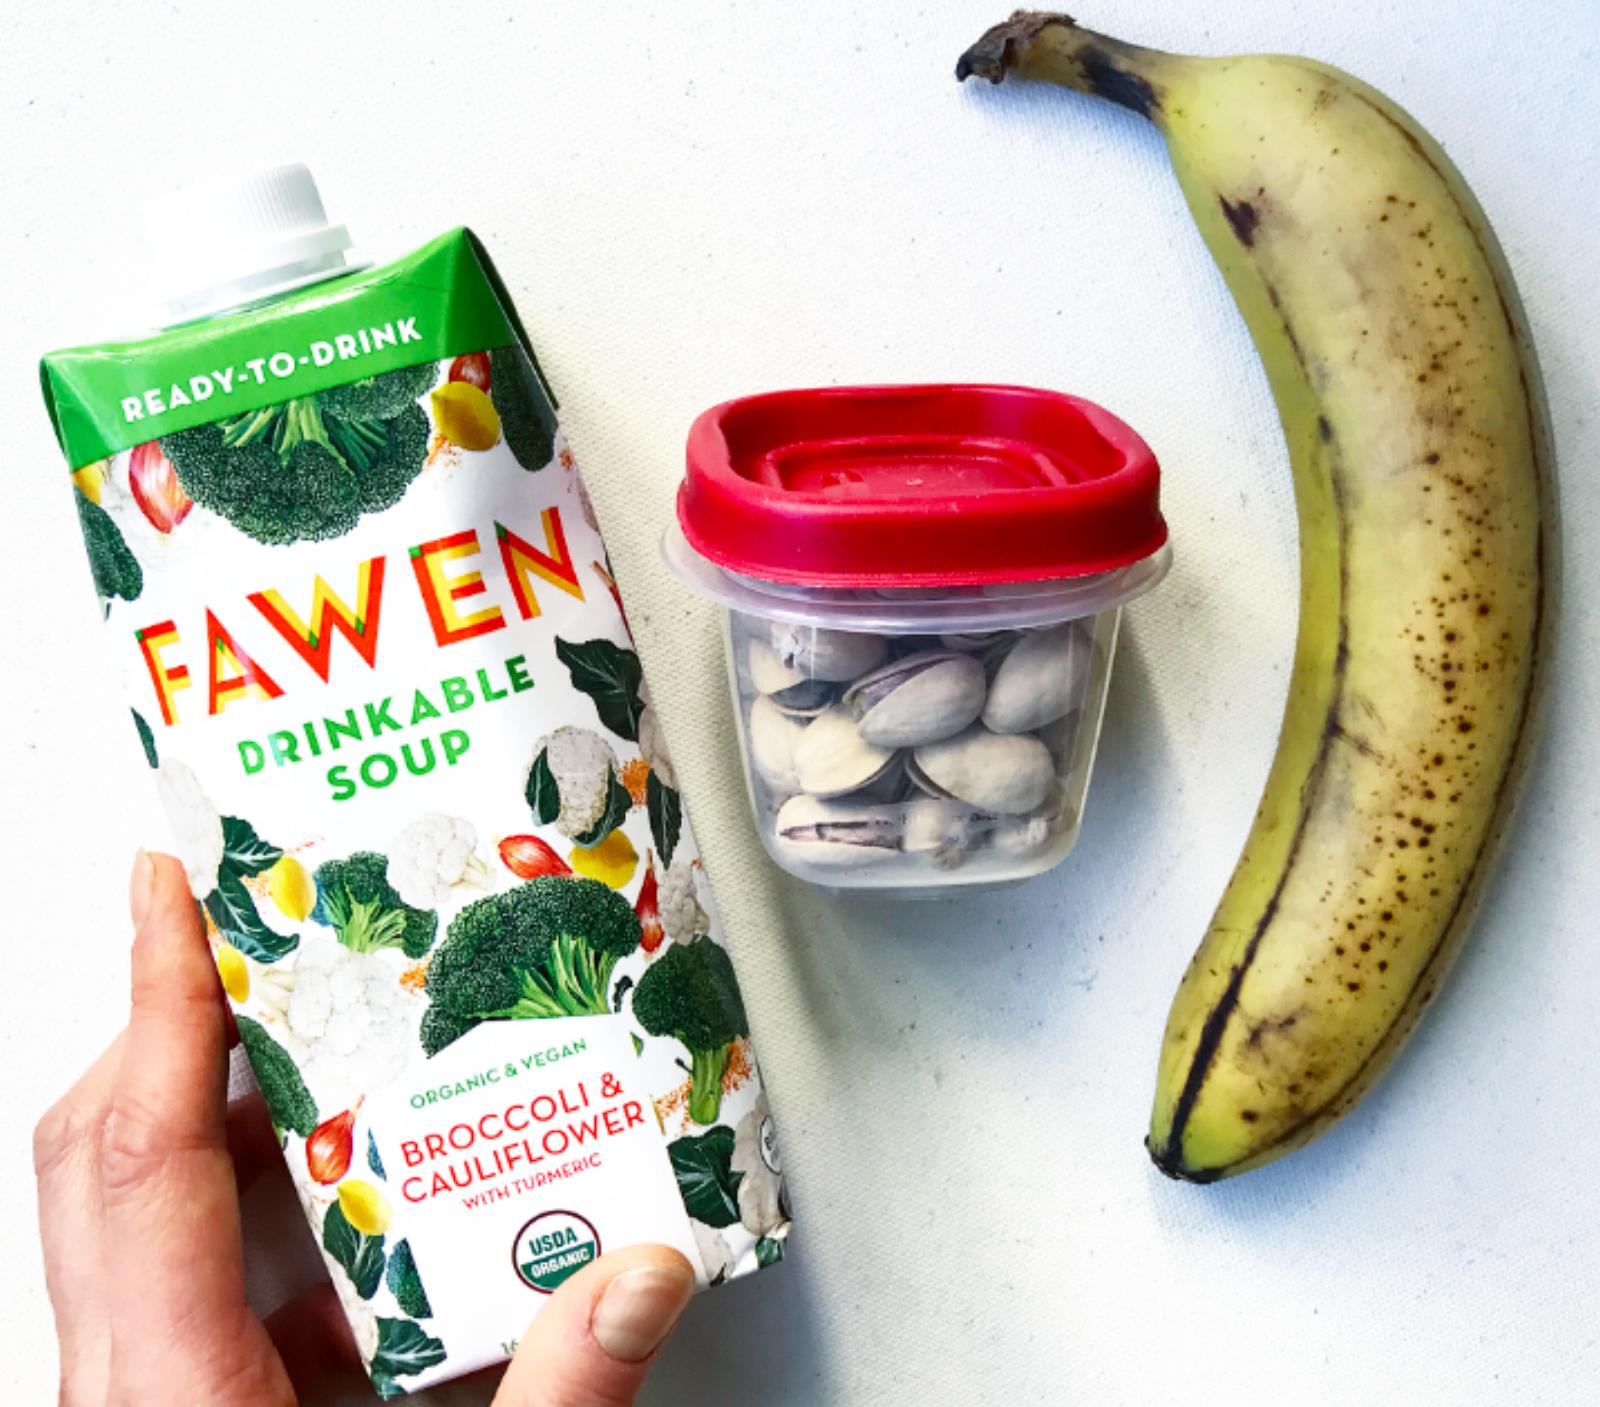 fawen + snacks